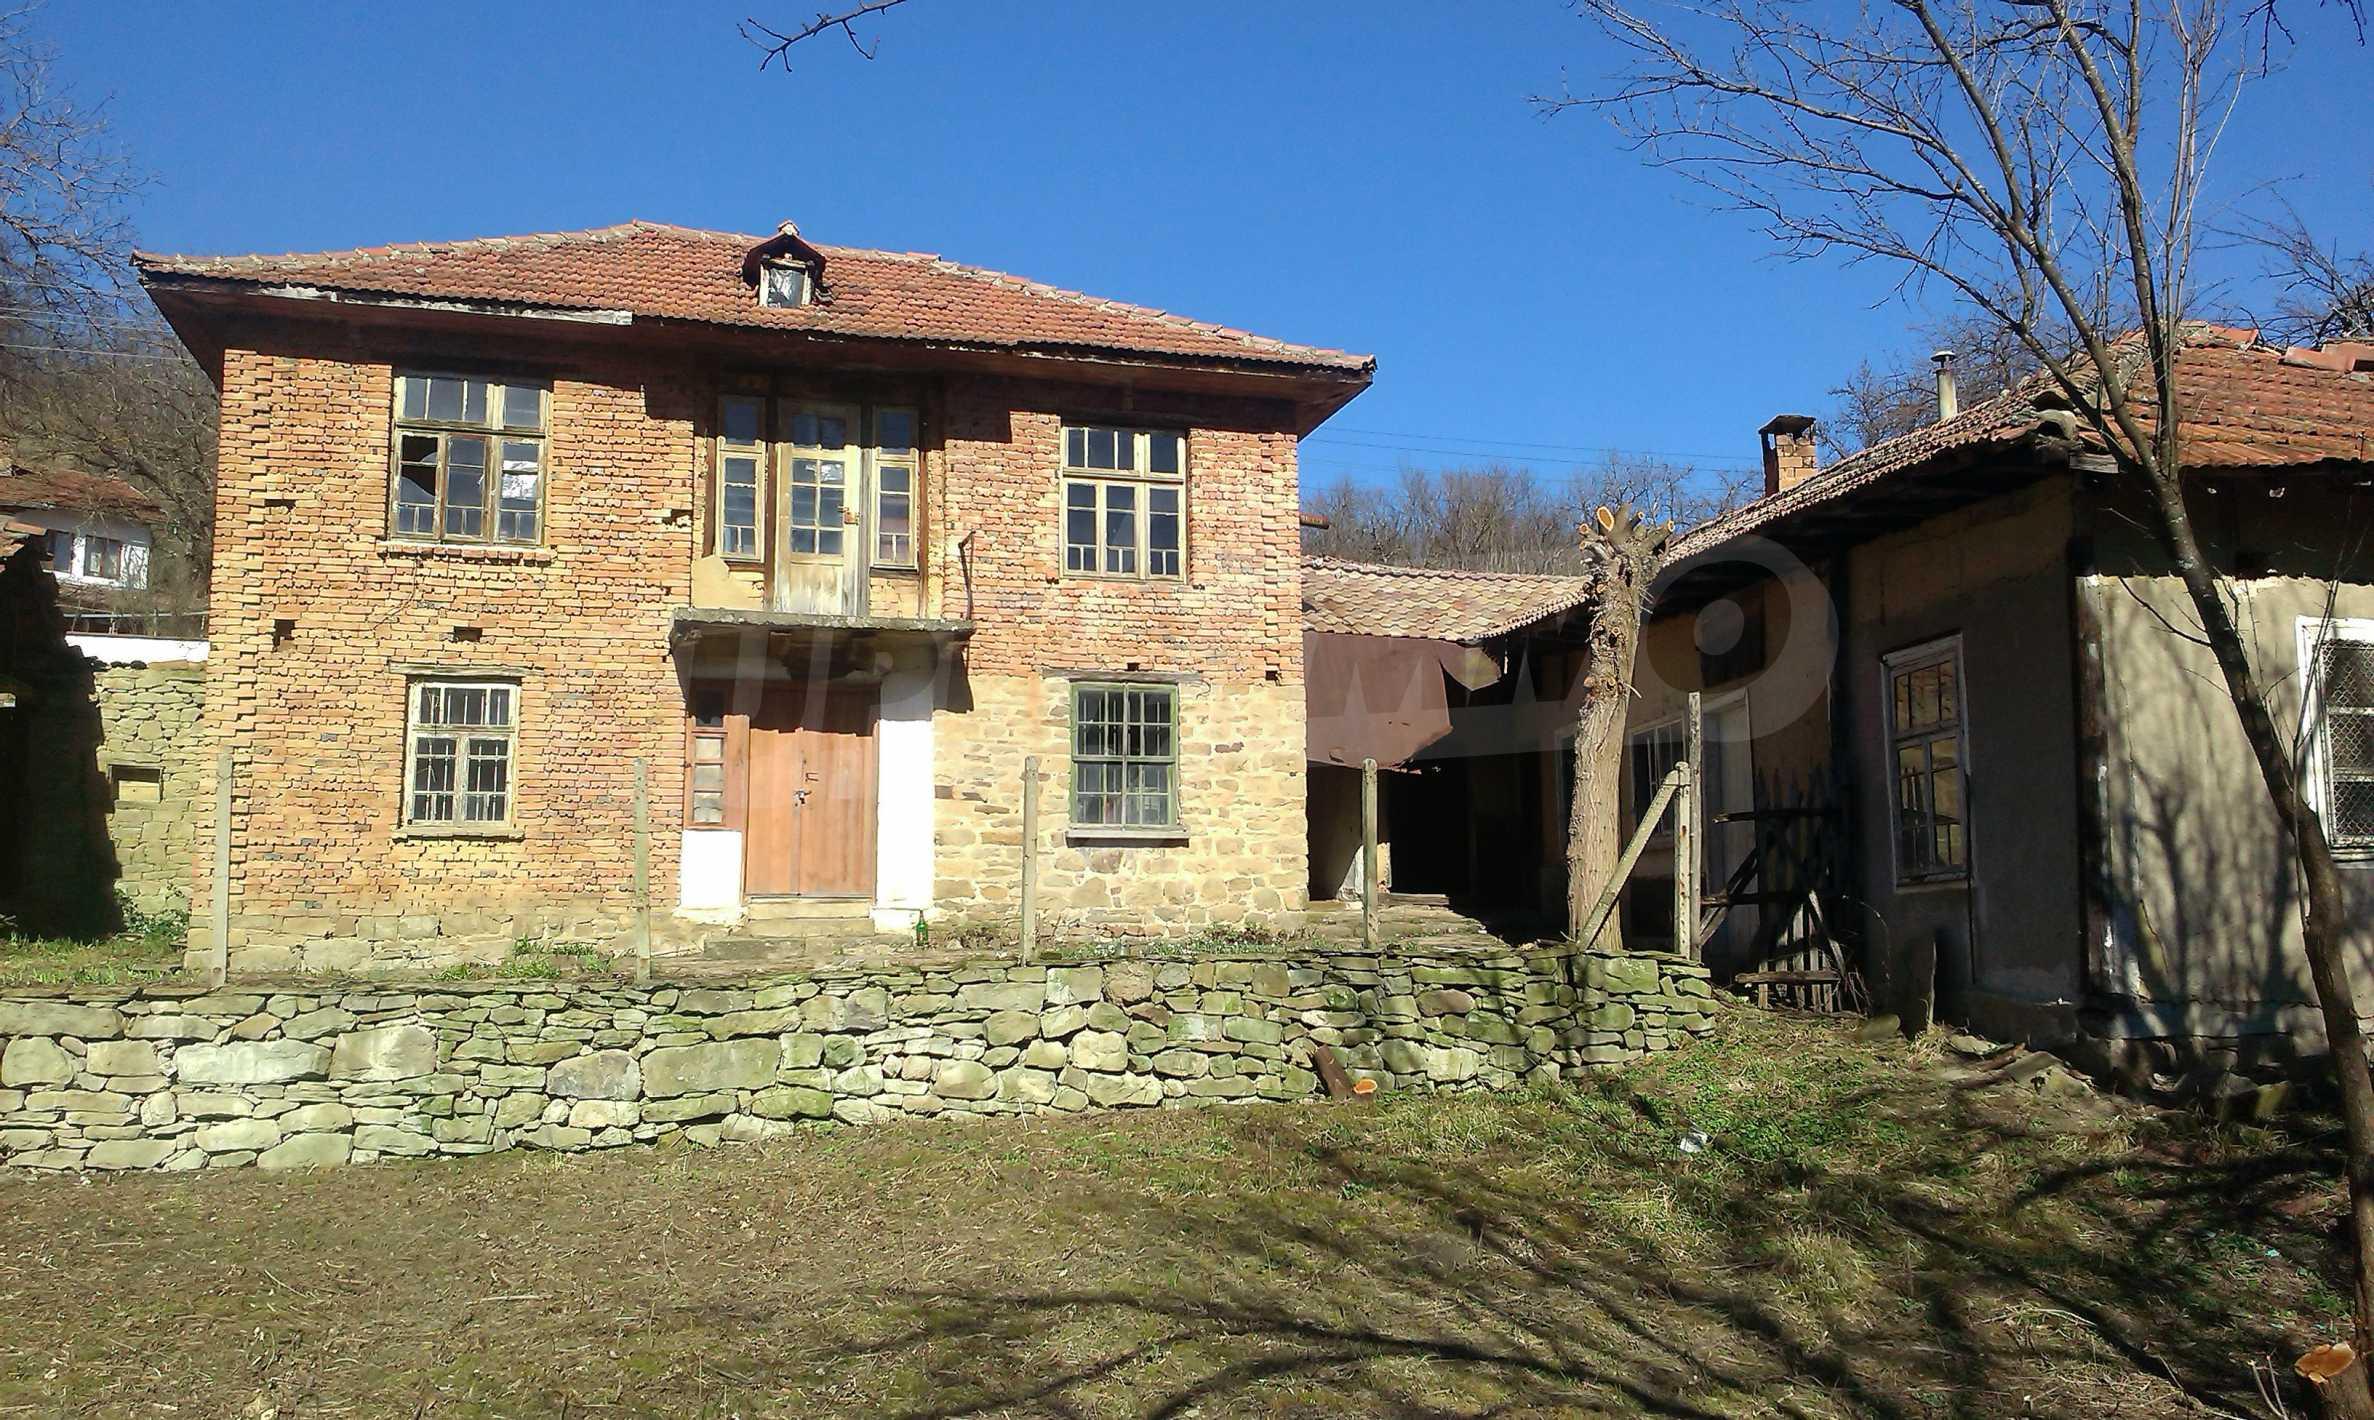 Тухлена двуетажна къща само на 22 км от Велико Търново  42